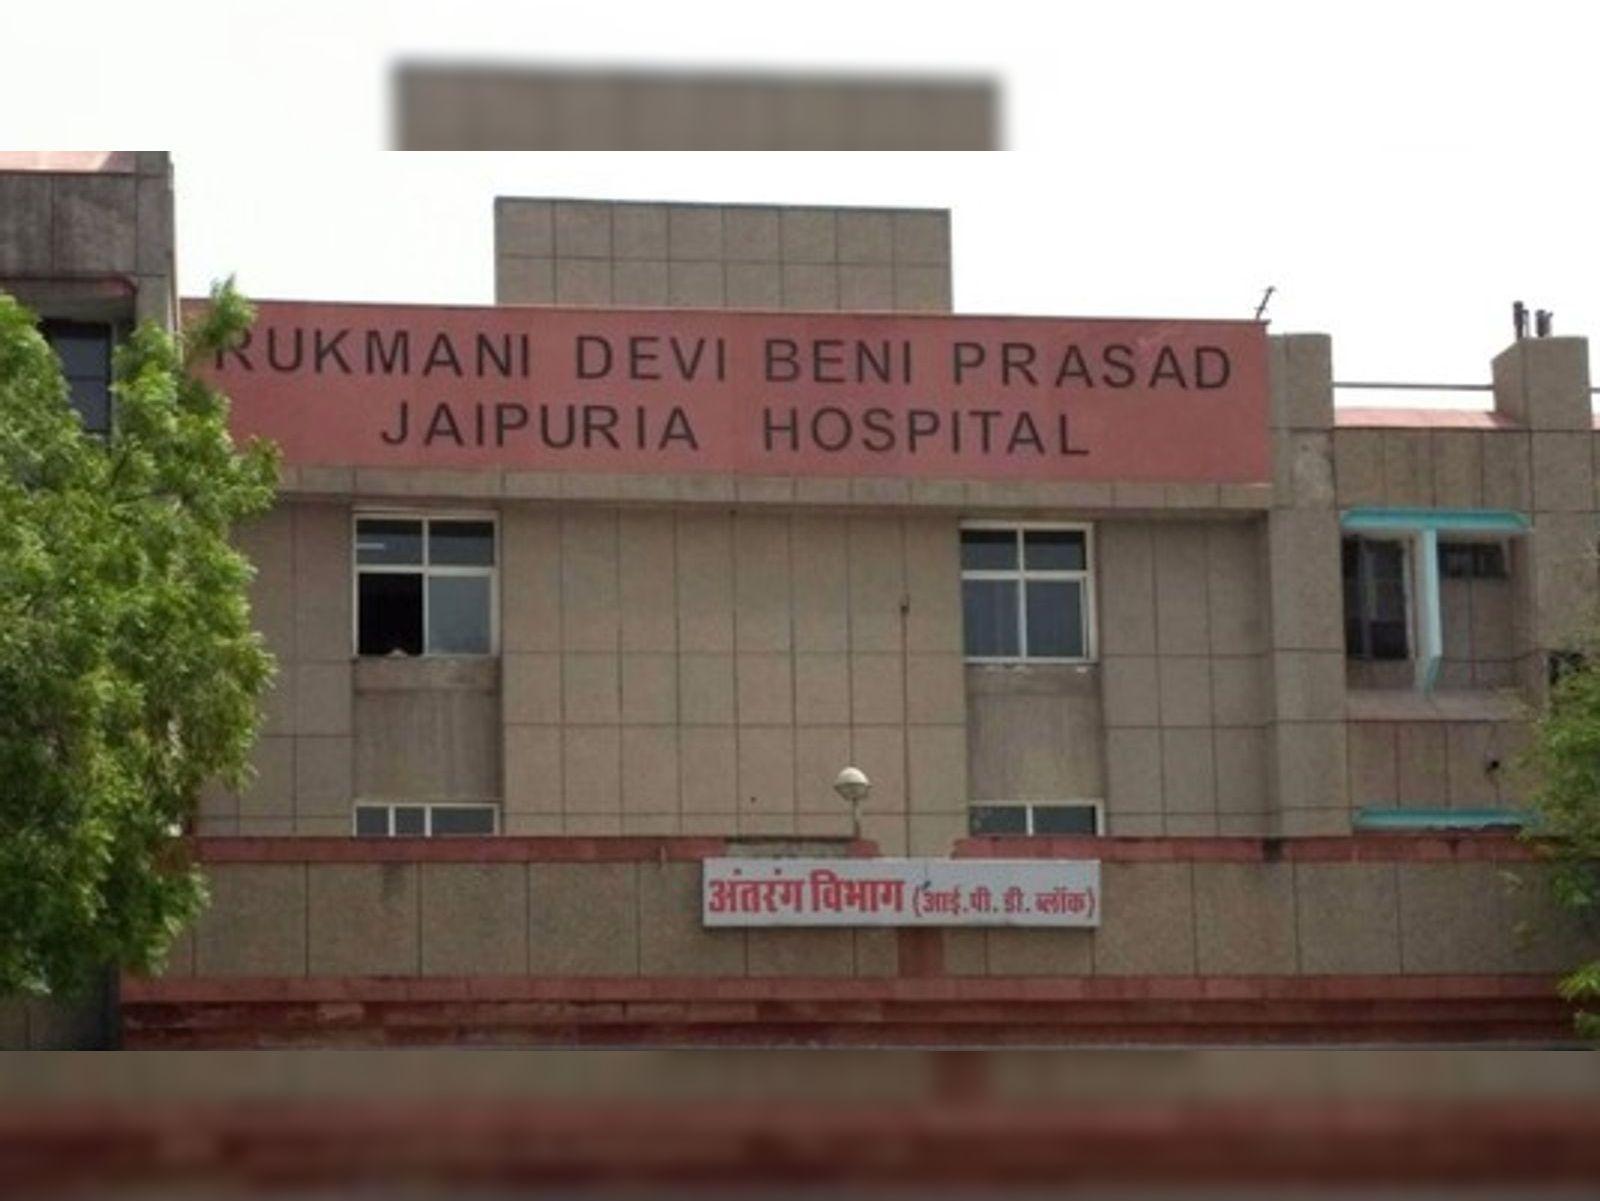 जयपुरिया अस्पताल में पार्किंग अगले महीने से होगा शुरू|जयपुर,Jaipur - Dainik Bhaskar